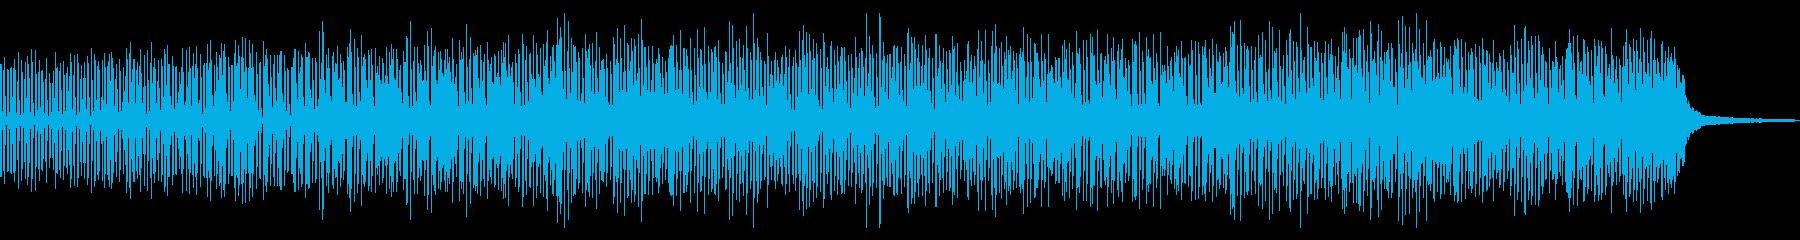 【ドラム抜き】明るく朗らかなコンセプトムの再生済みの波形